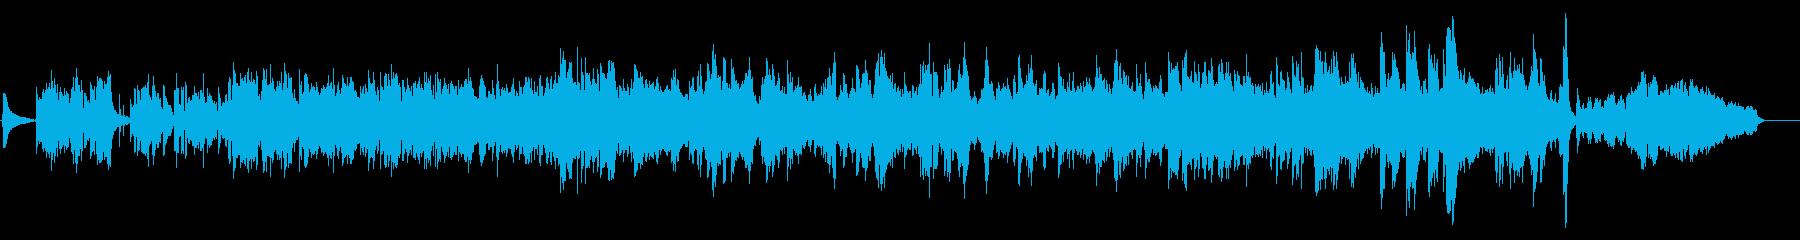 昔のフランス映画のテーマソング風作品の再生済みの波形